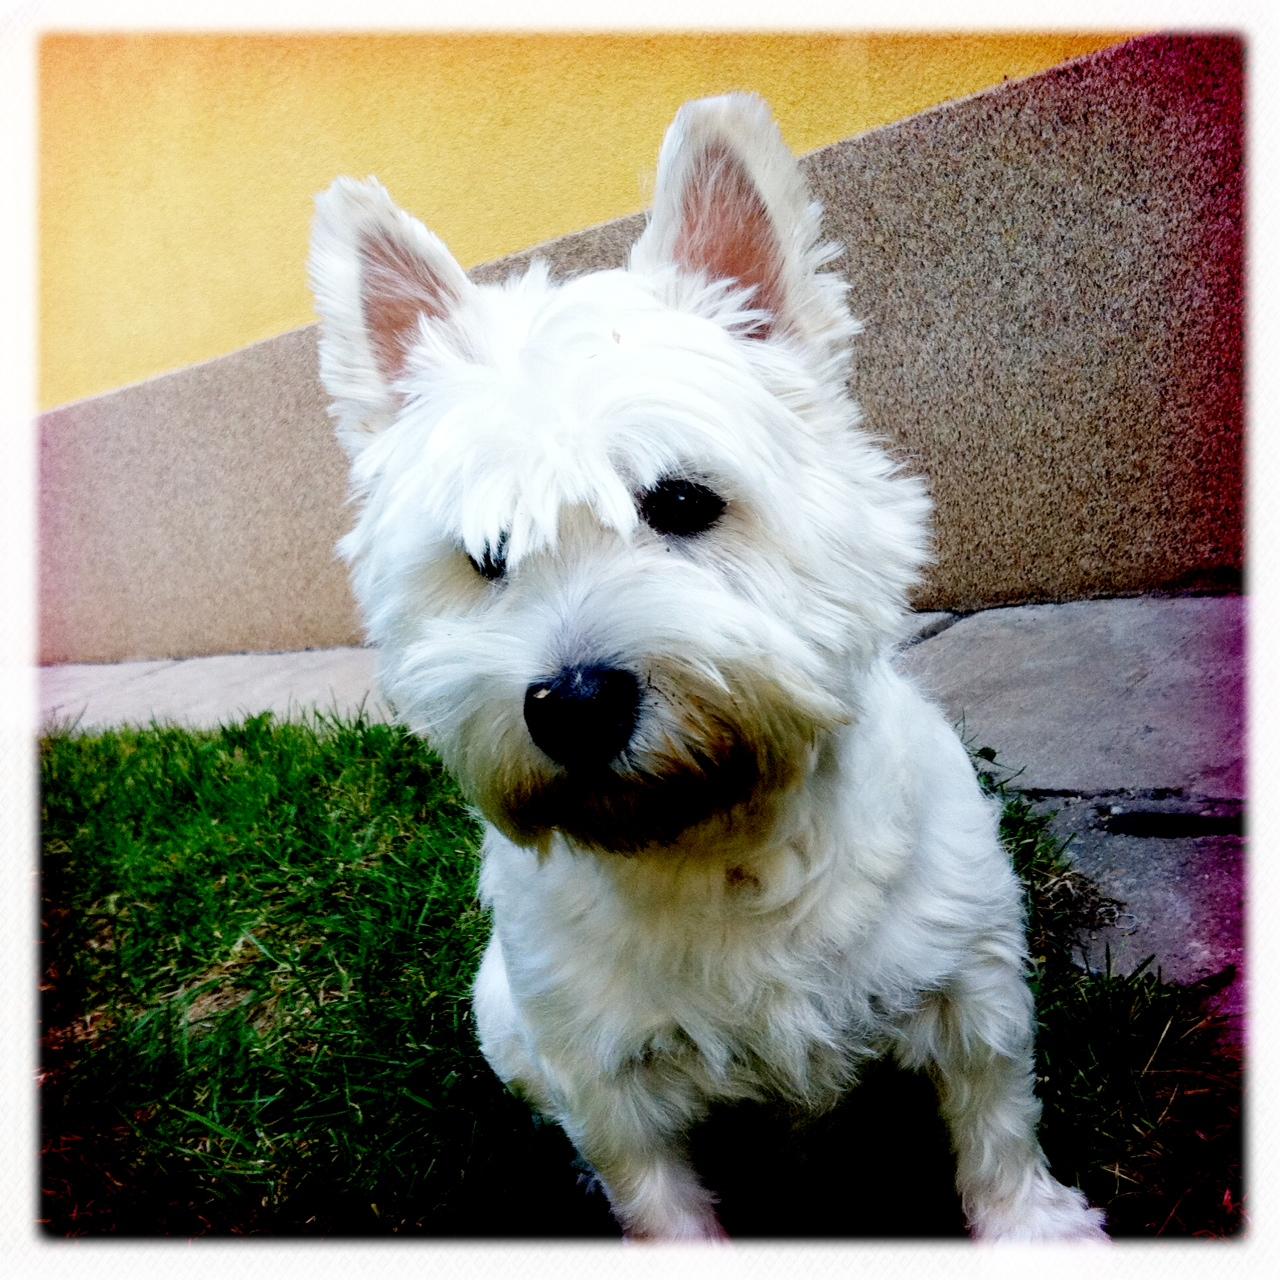 Zaza, the dog!